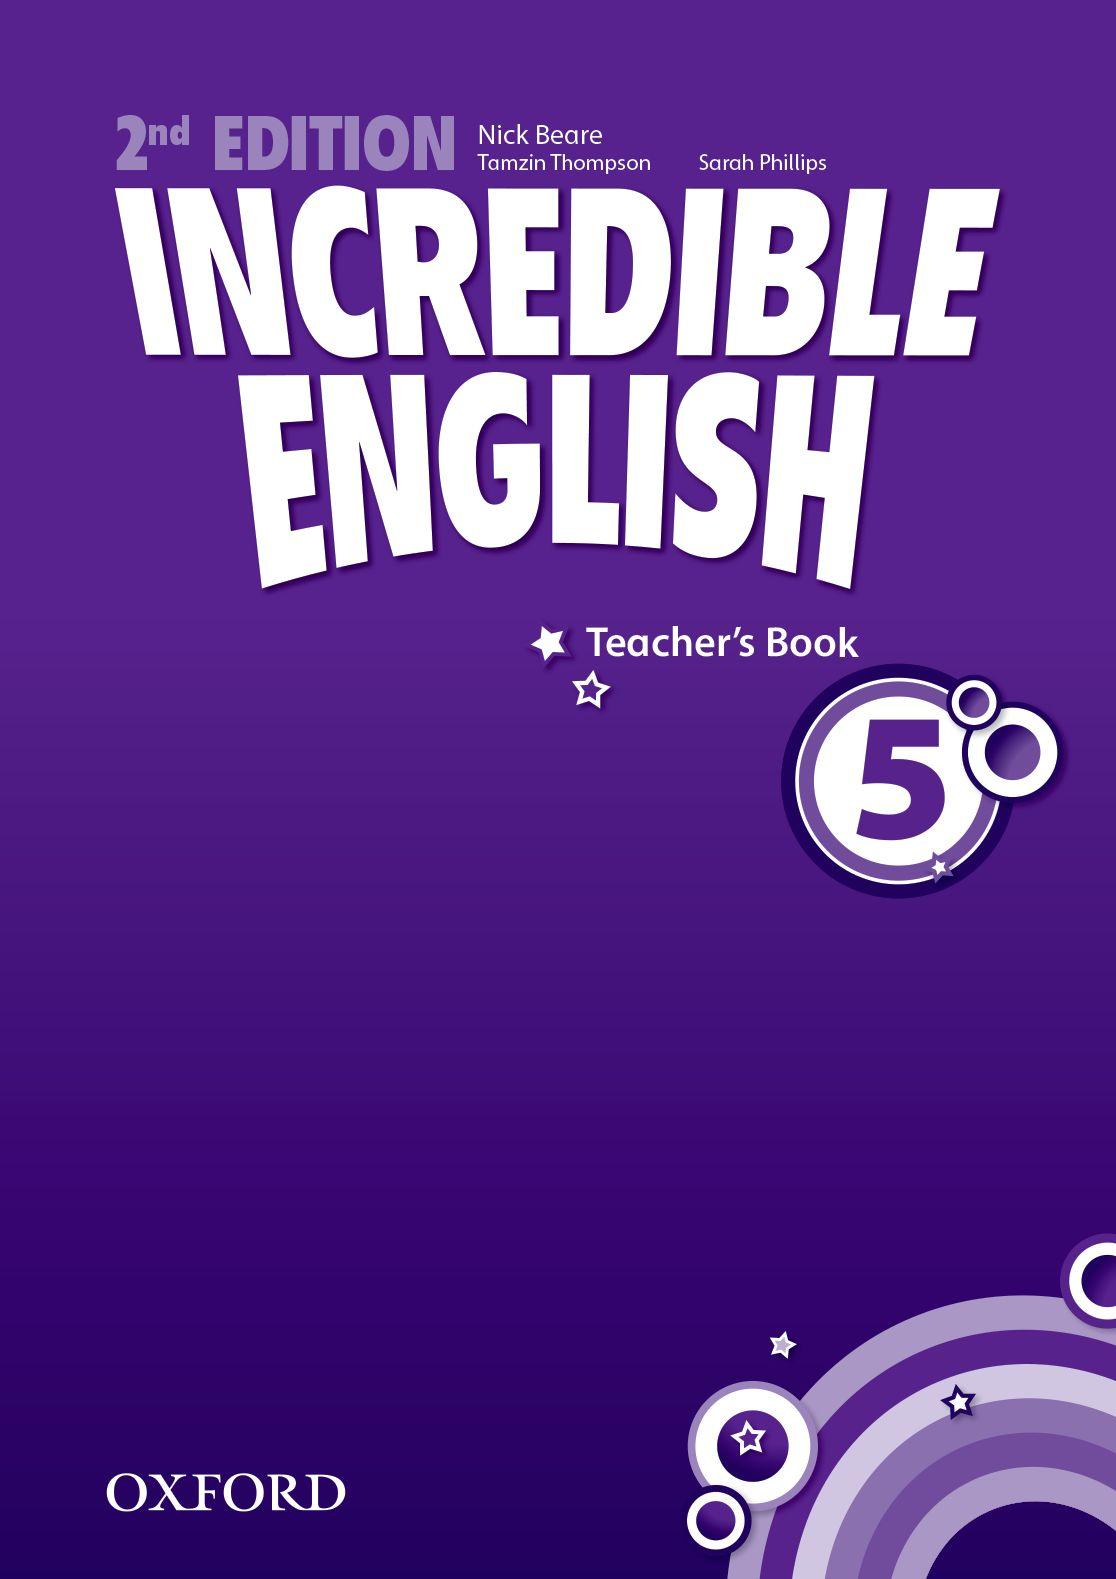 INCREDIBLE ENGLISHLISH 2E 5 TB incredible englishlish 2e 6 ab